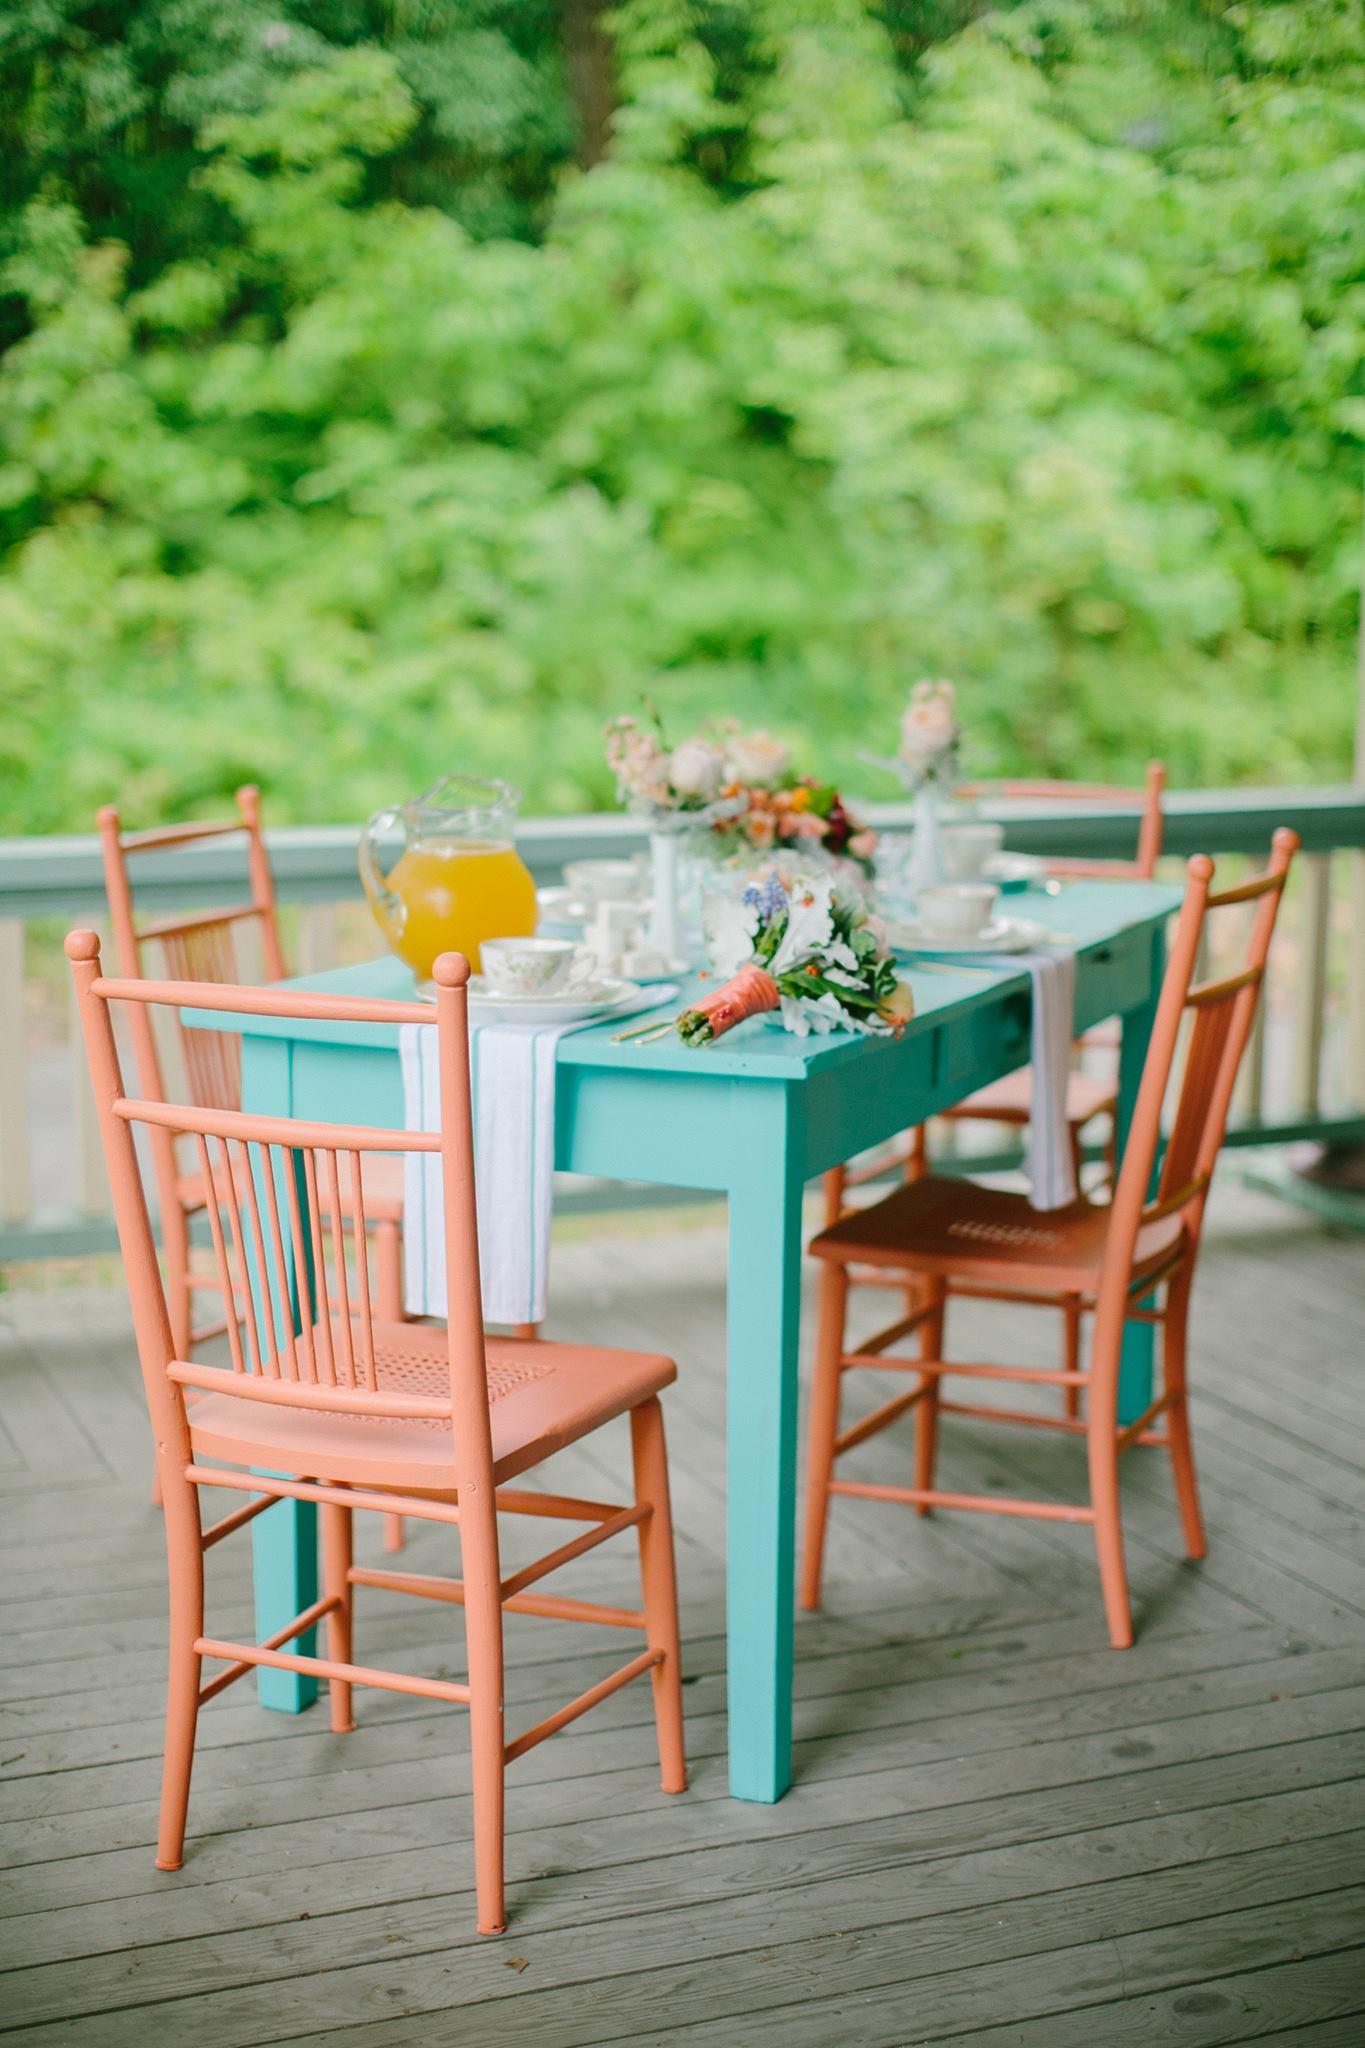 Peach side chairs